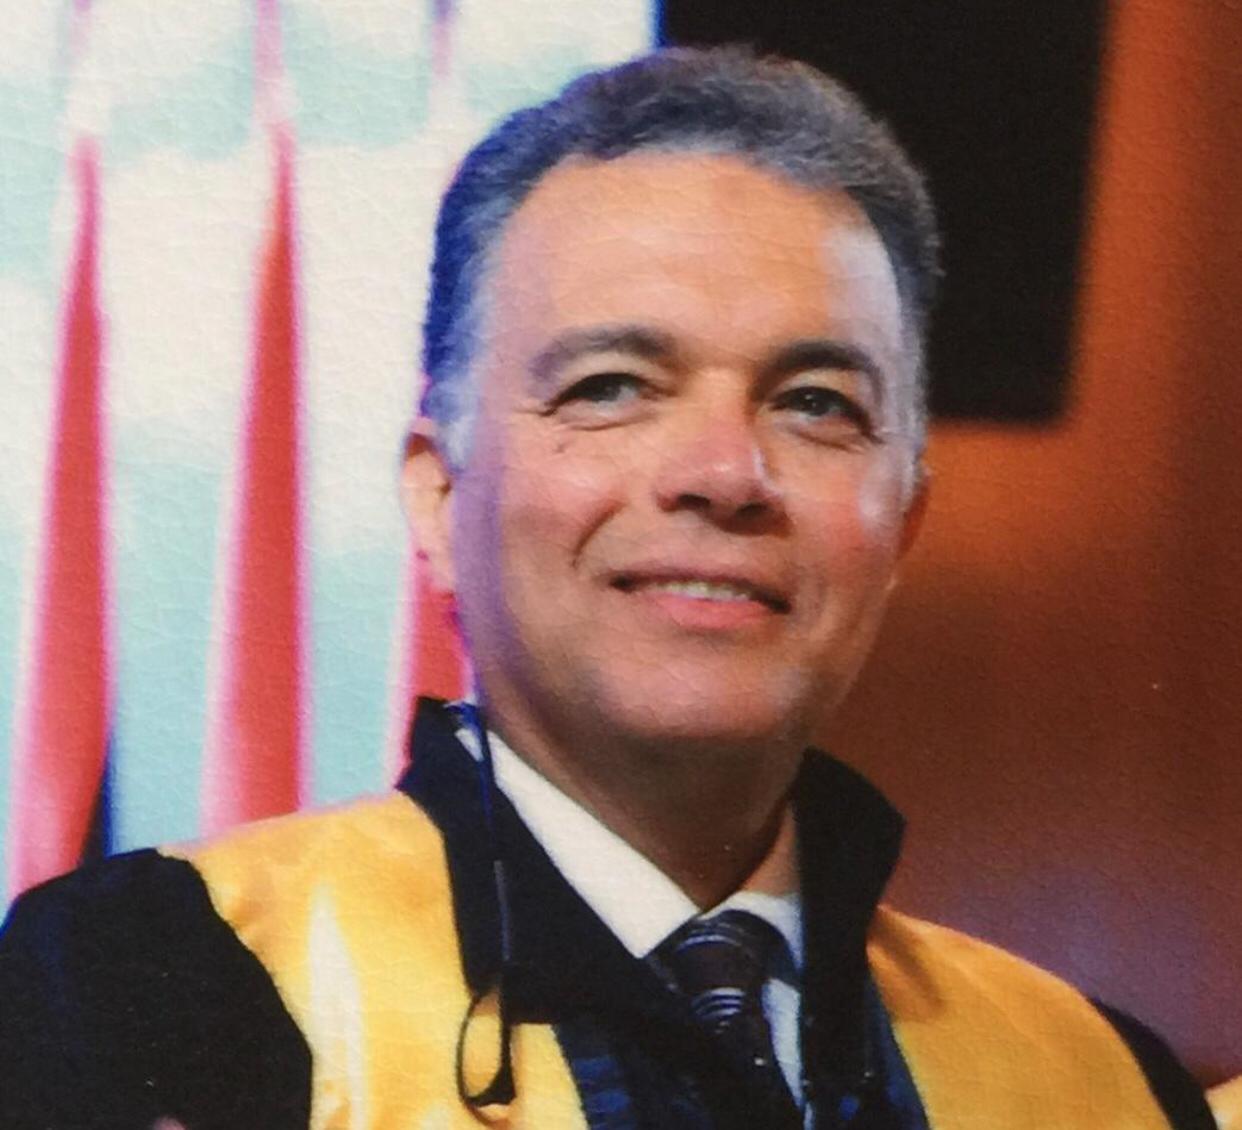 هشام عرفات نائب رئيس مجلس أمناء جامعة المستقبل